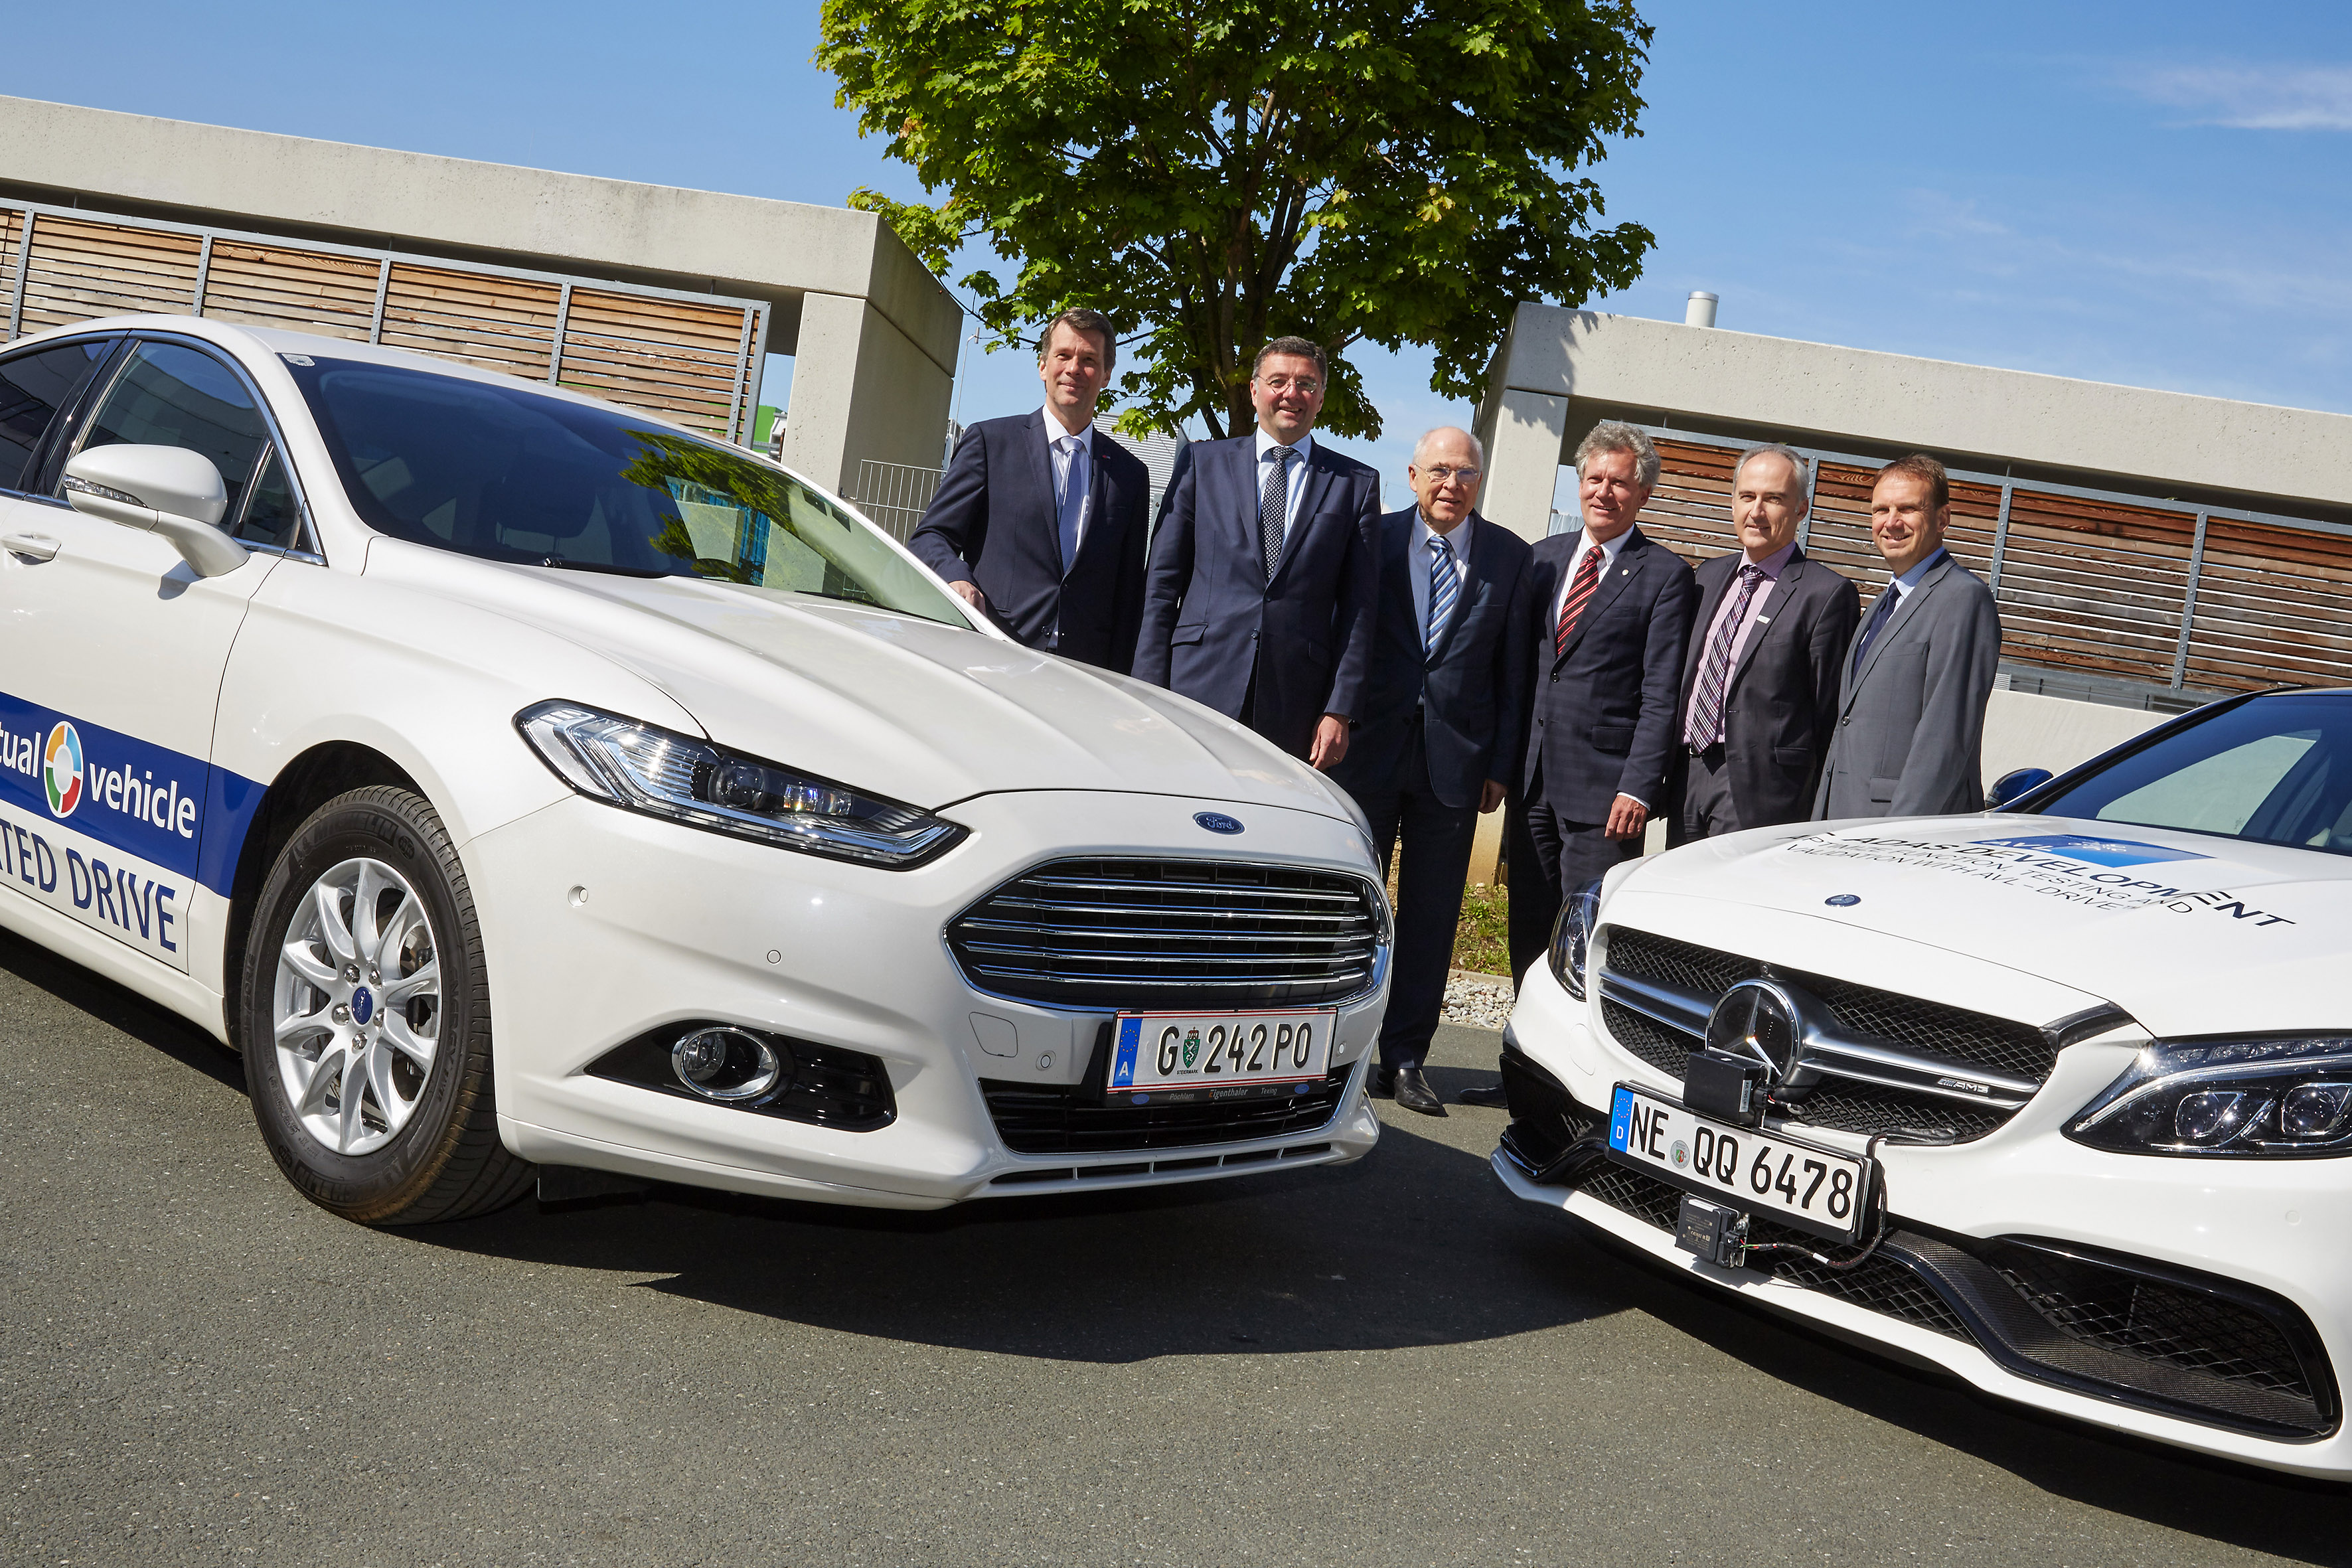 sechs Männer posieren neben zwei selbstfahrenden Autos